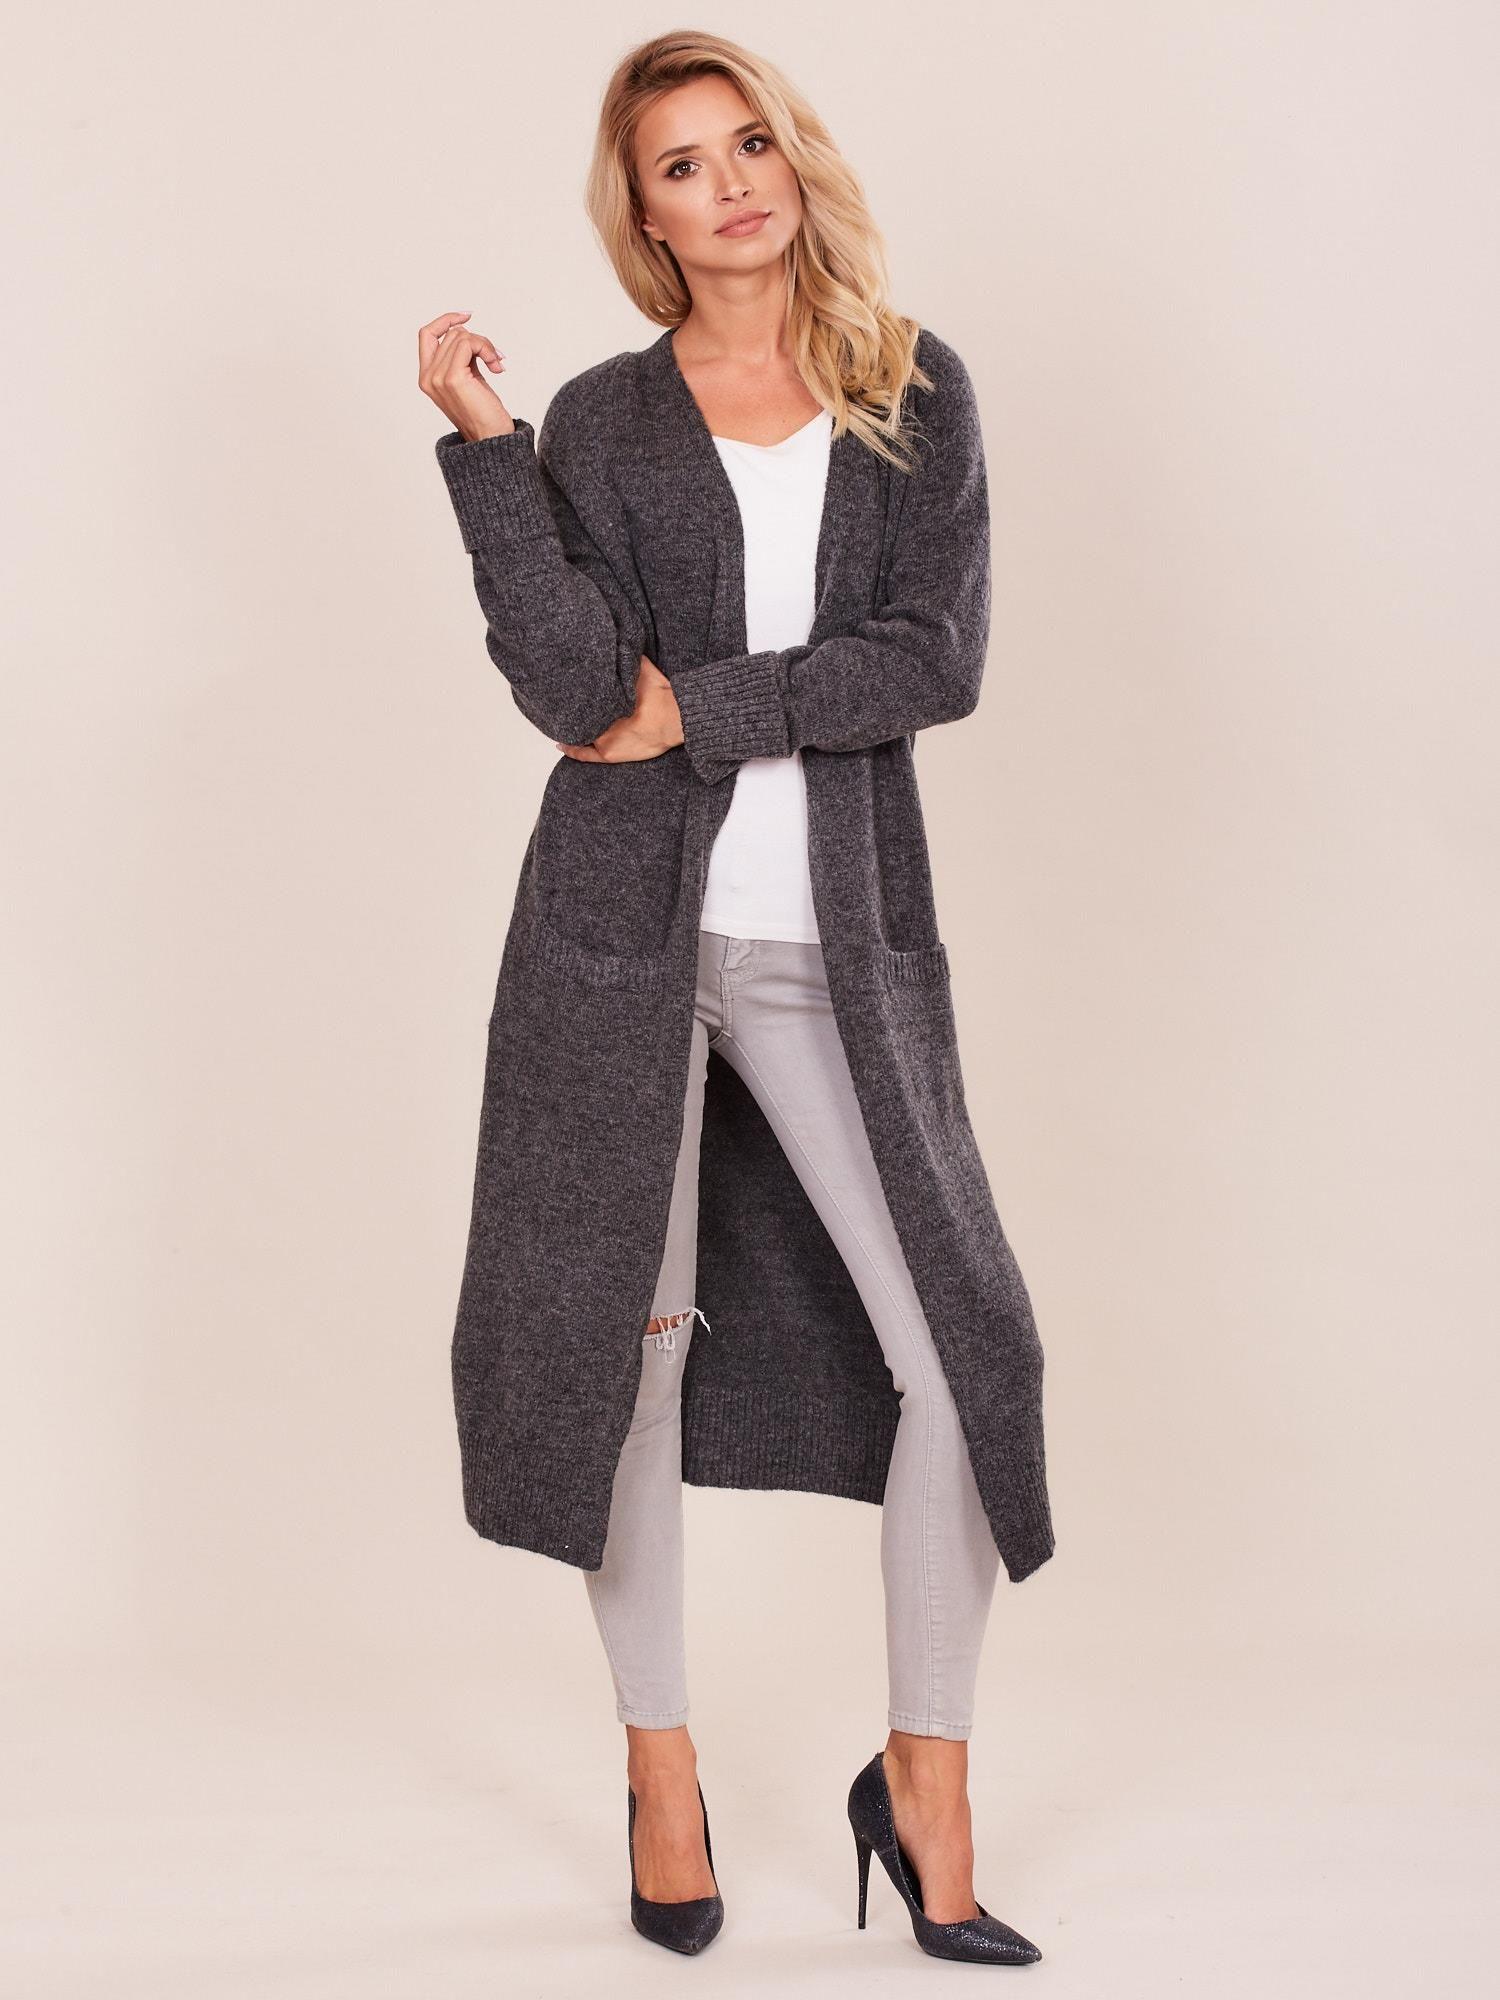 927e4f01 Ciemnoszary długi sweter damski